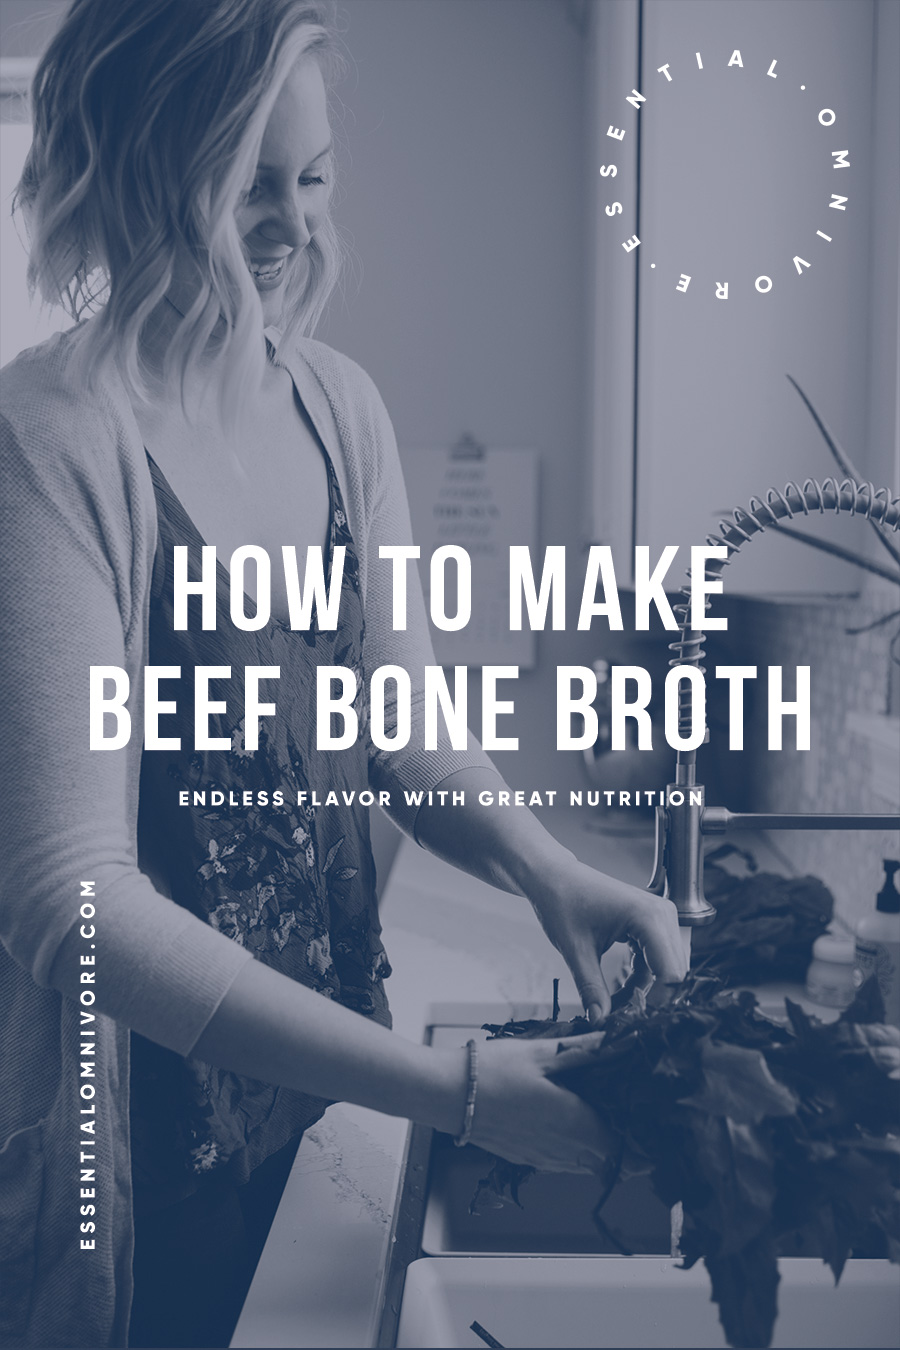 How to Make Beef Bone Broth